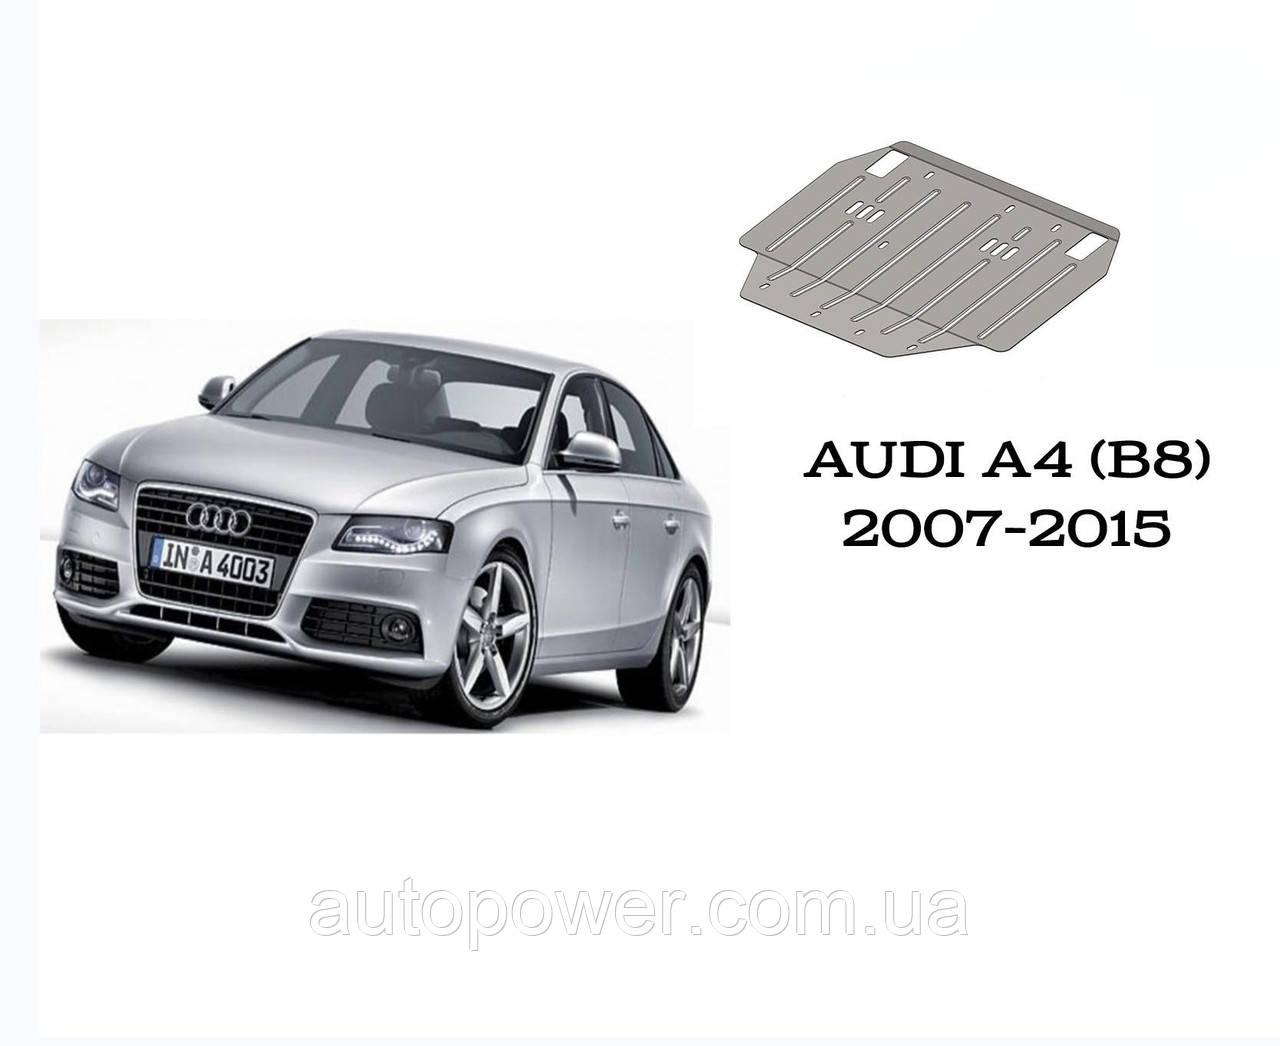 Защита двигателя и коробки передач AUDI A4 B8 (2007-2015)  МКПП V-2.0D